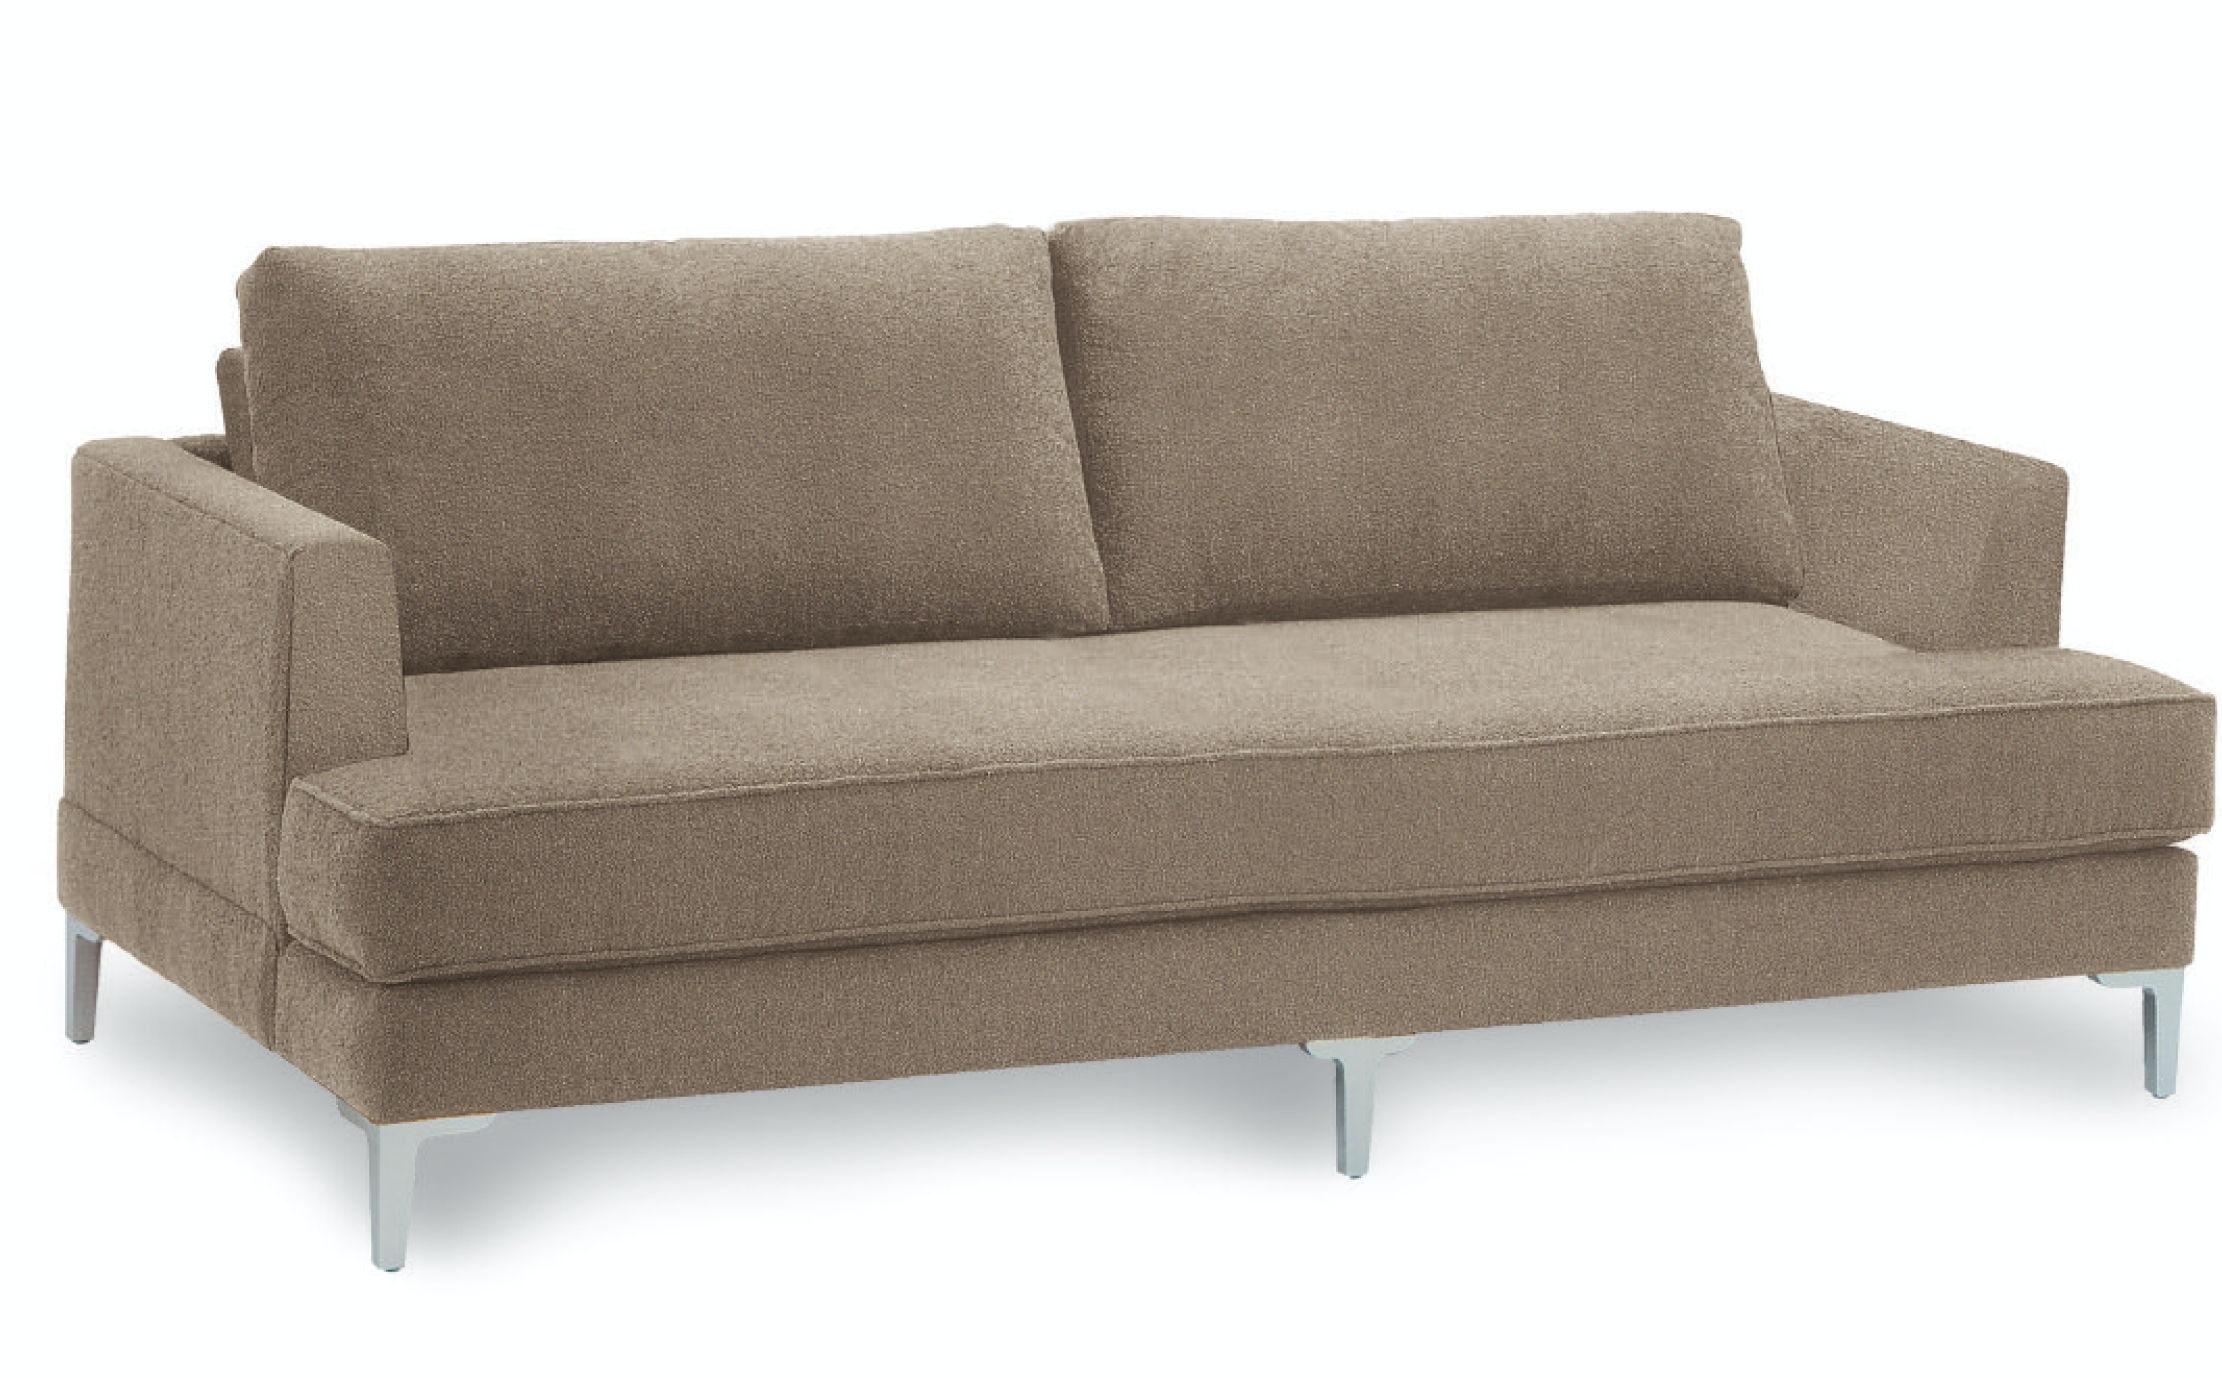 Exceptional Kravet Smart Union Mid Sofa DL904 2